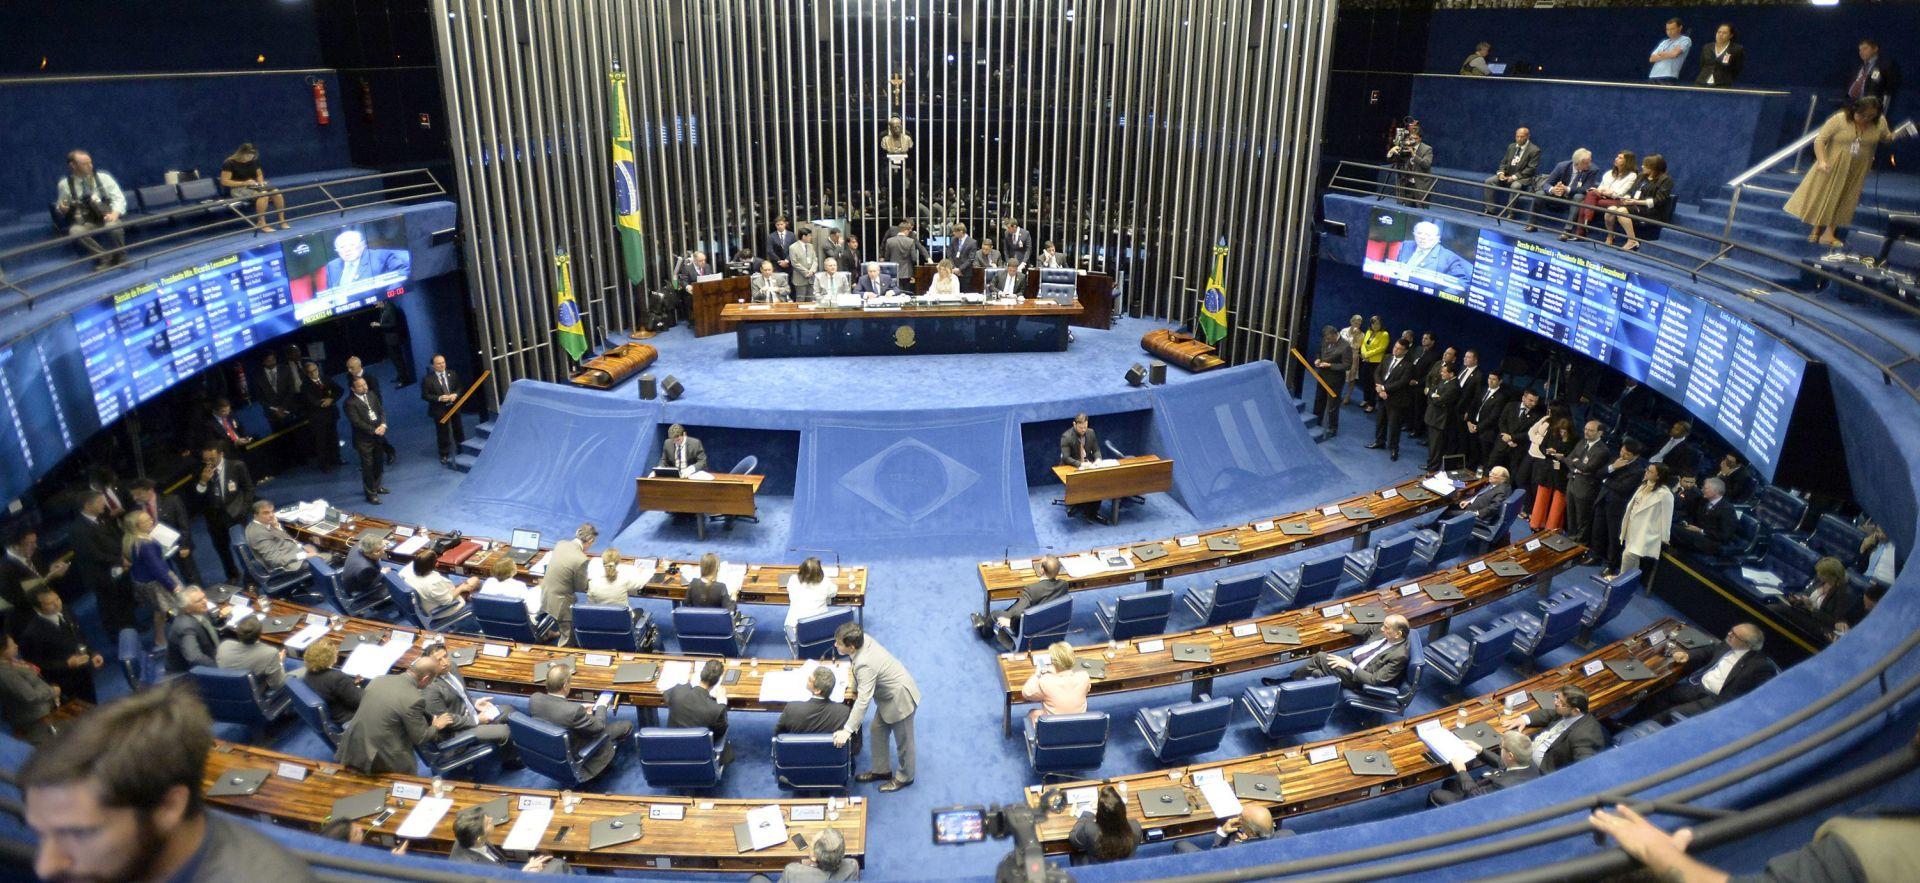 Lula optužen drugog dana postupka opoziva Dilme Rousseff